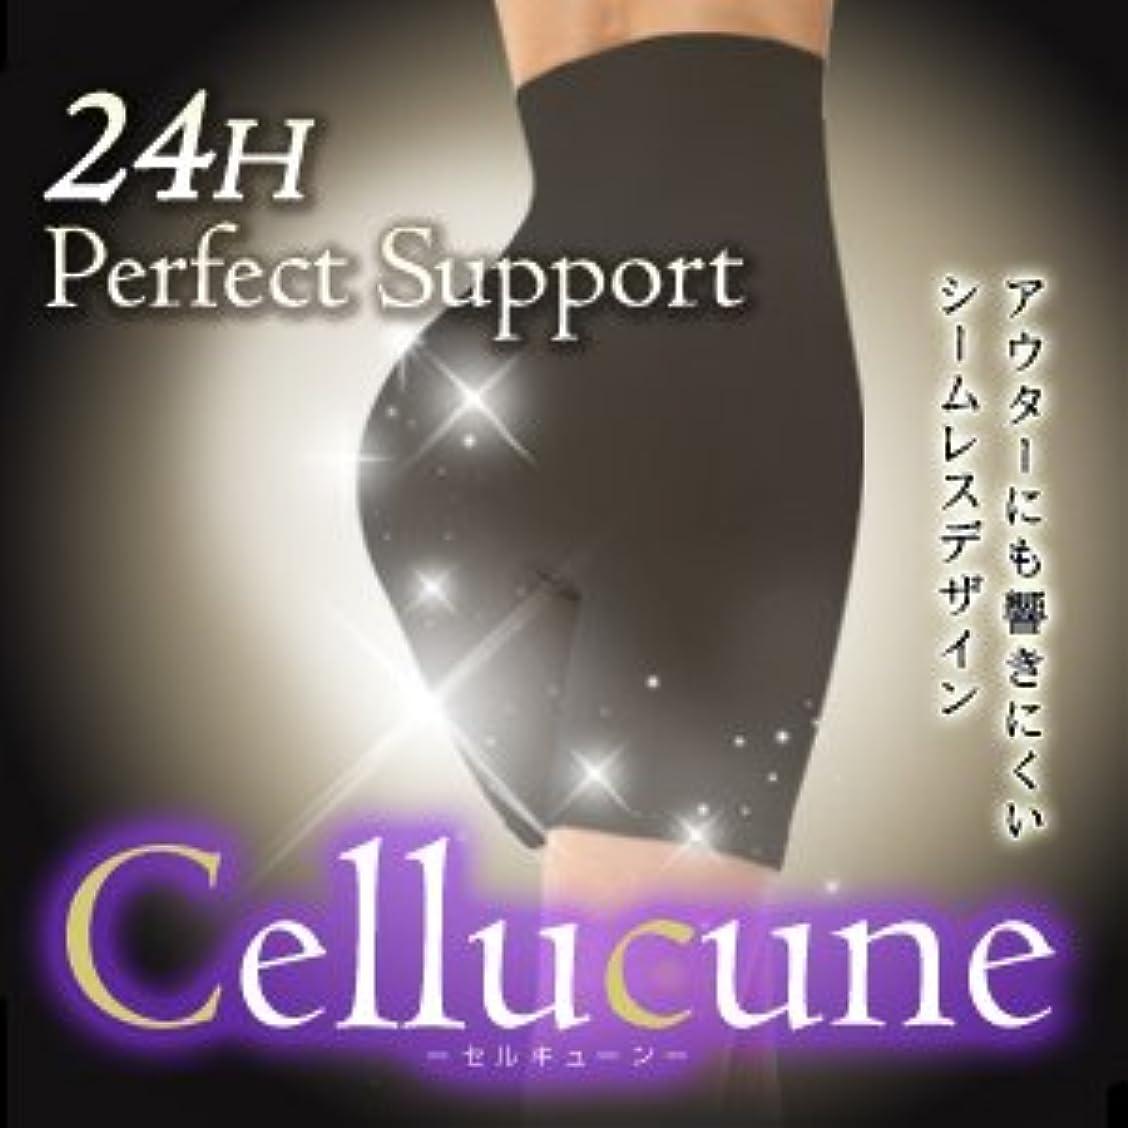 クマノミ素敵なルビー【M-L】セルキューン -Cellucune- 痩身特化骨盤補正ショーツ